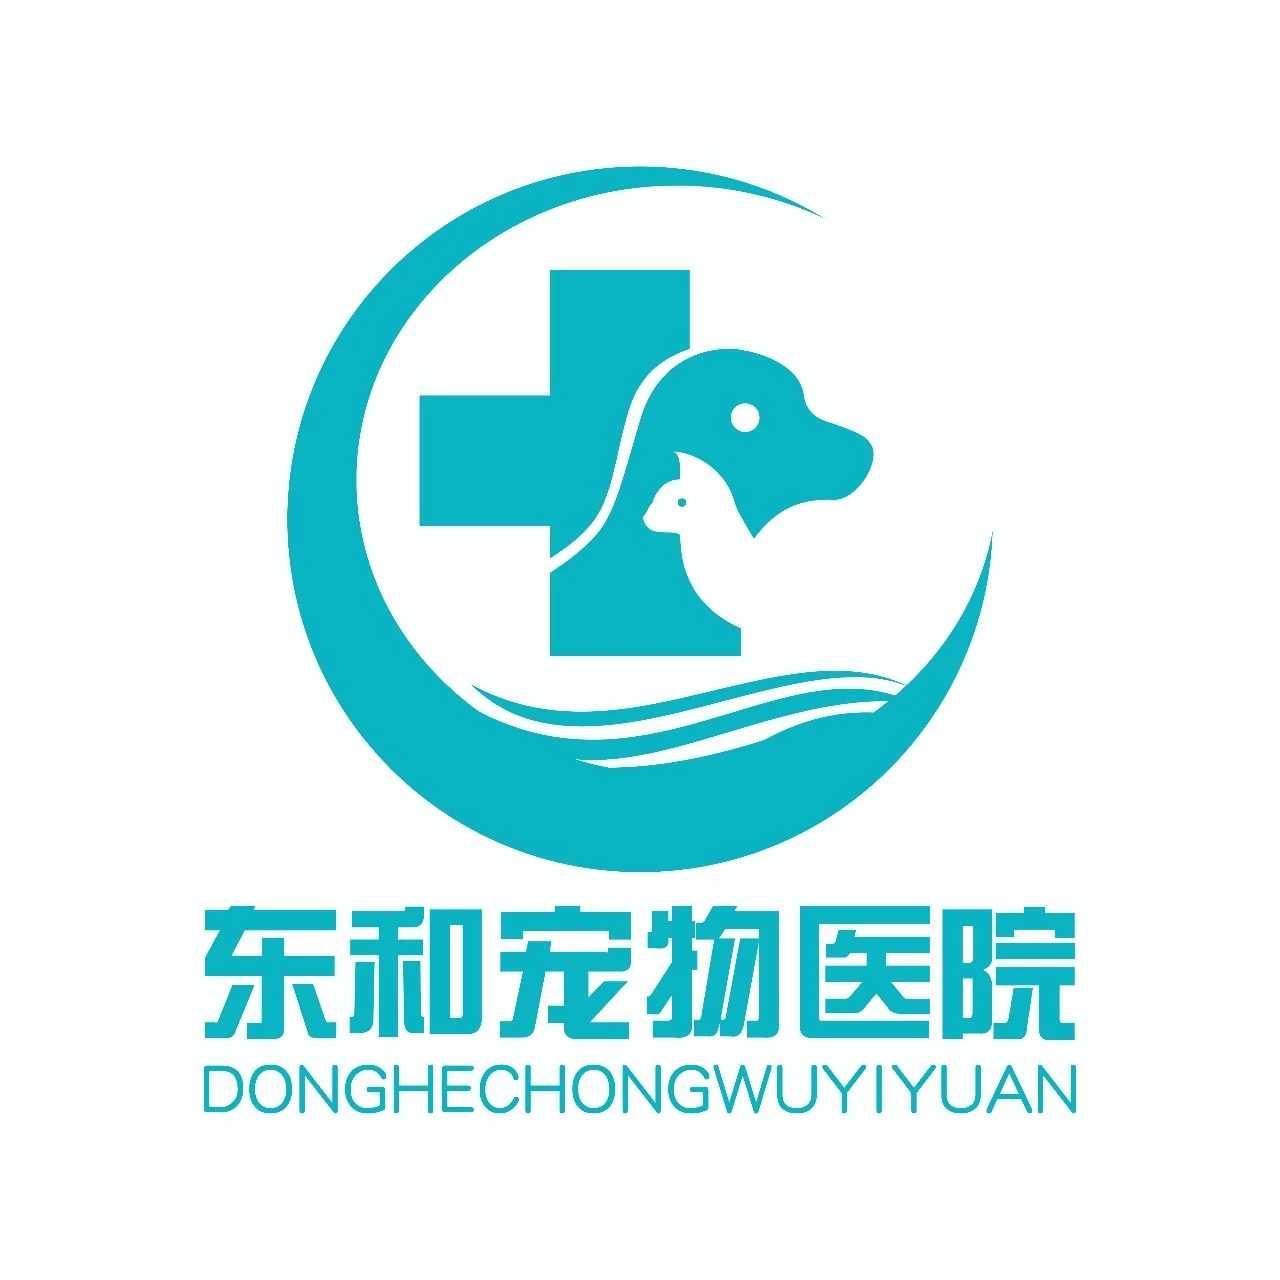 深圳东和宠物医院